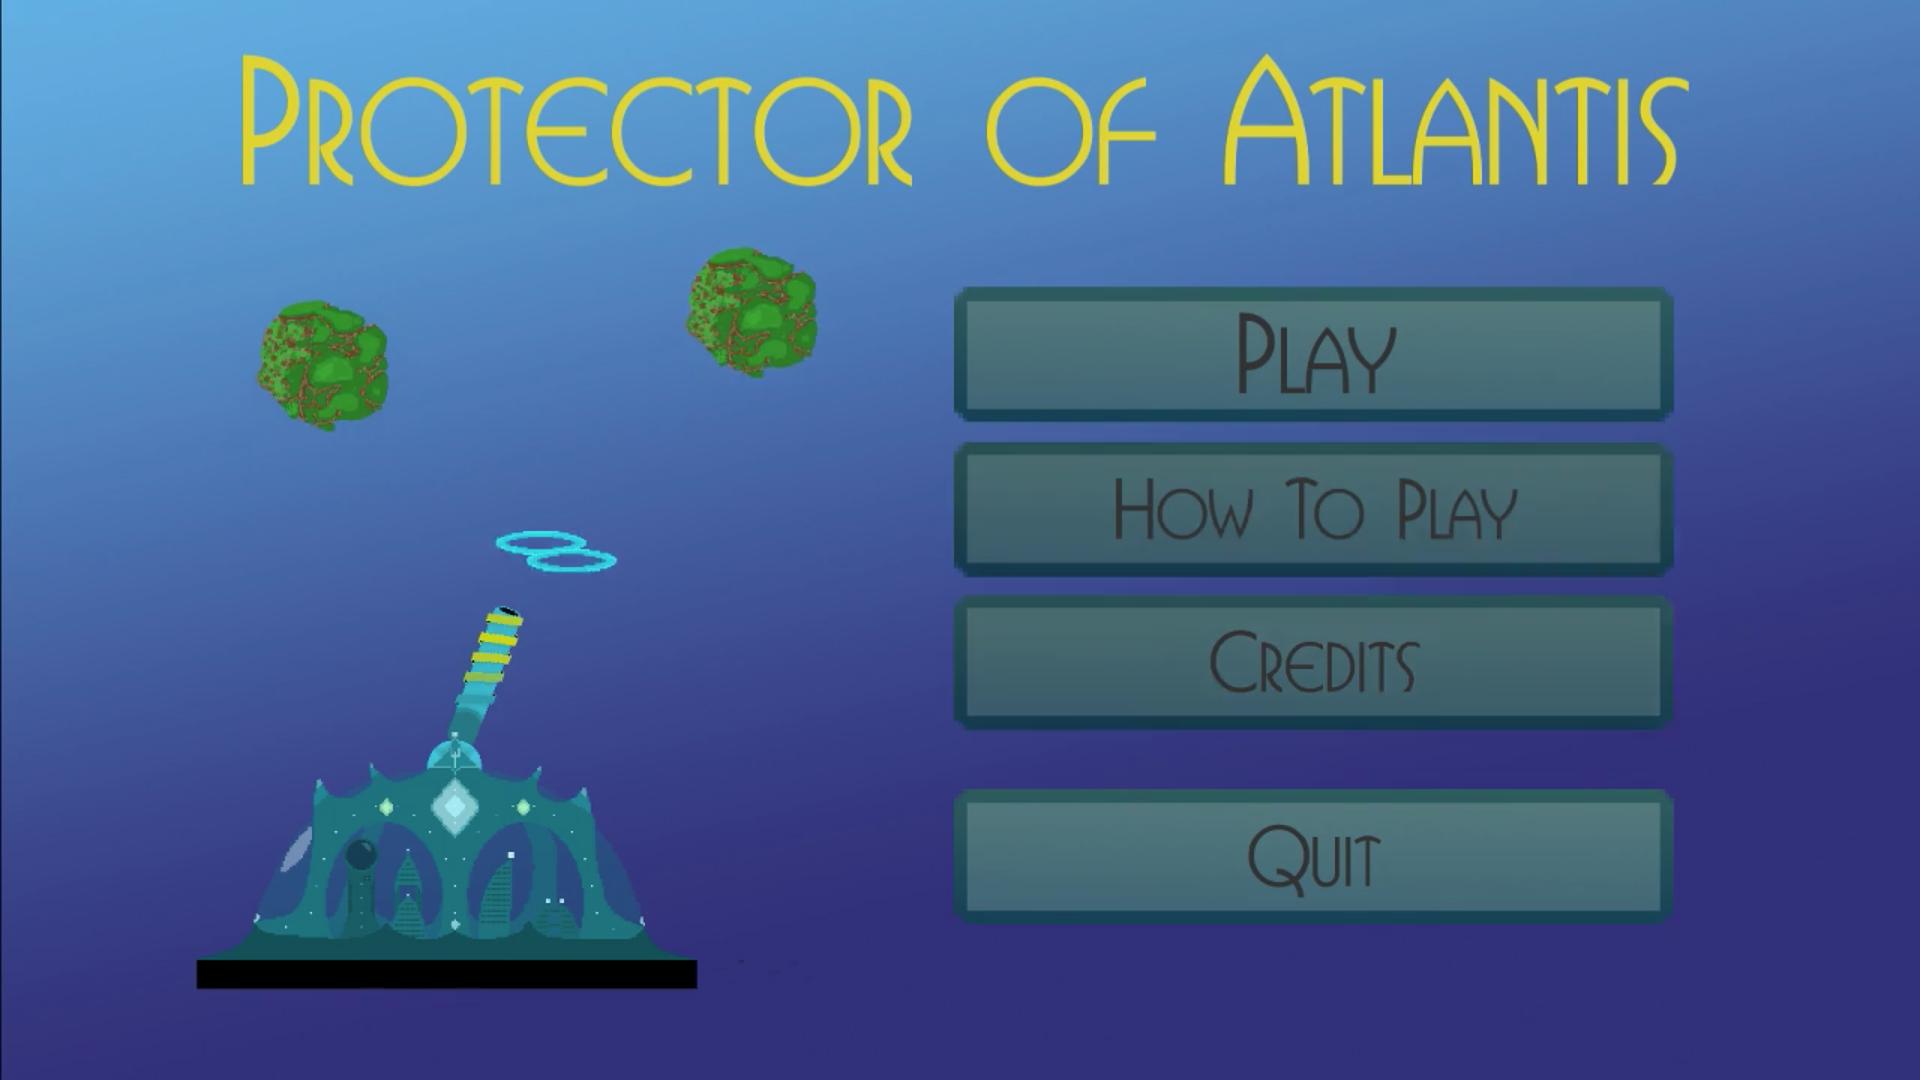 ProtectorOfAtlantis1